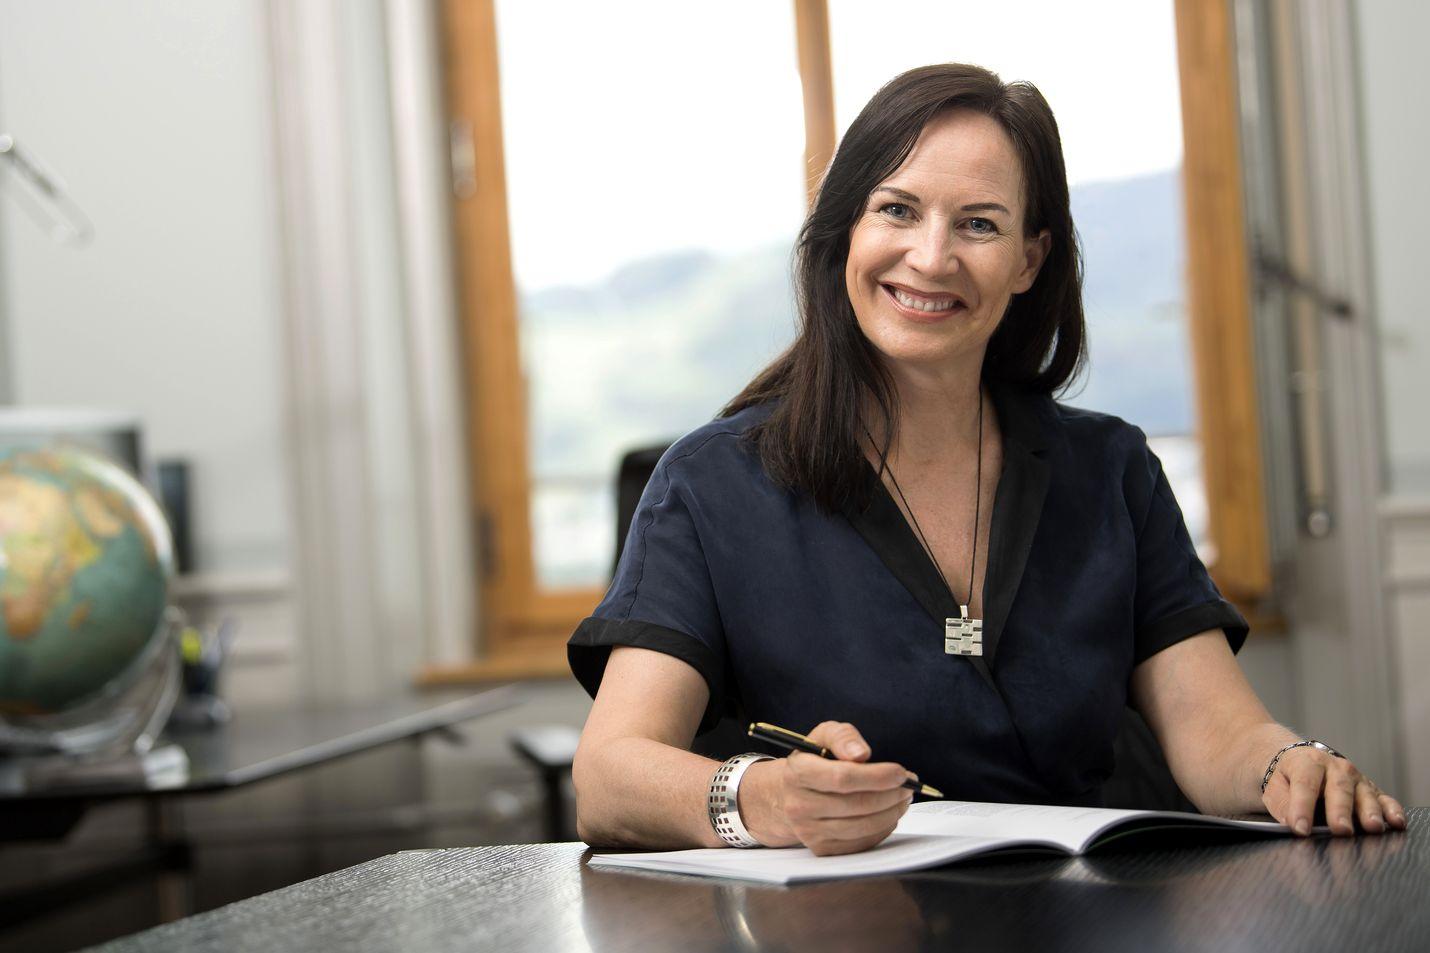 Pälvi Pulli istuu Sveitsin puolustusministeriössä Bernissä. Hän työskenteli siellä jo vuosina 1999–2006. Turvallisuuspoliittiseksi johtajaksi hänet nimitettiin 2018.